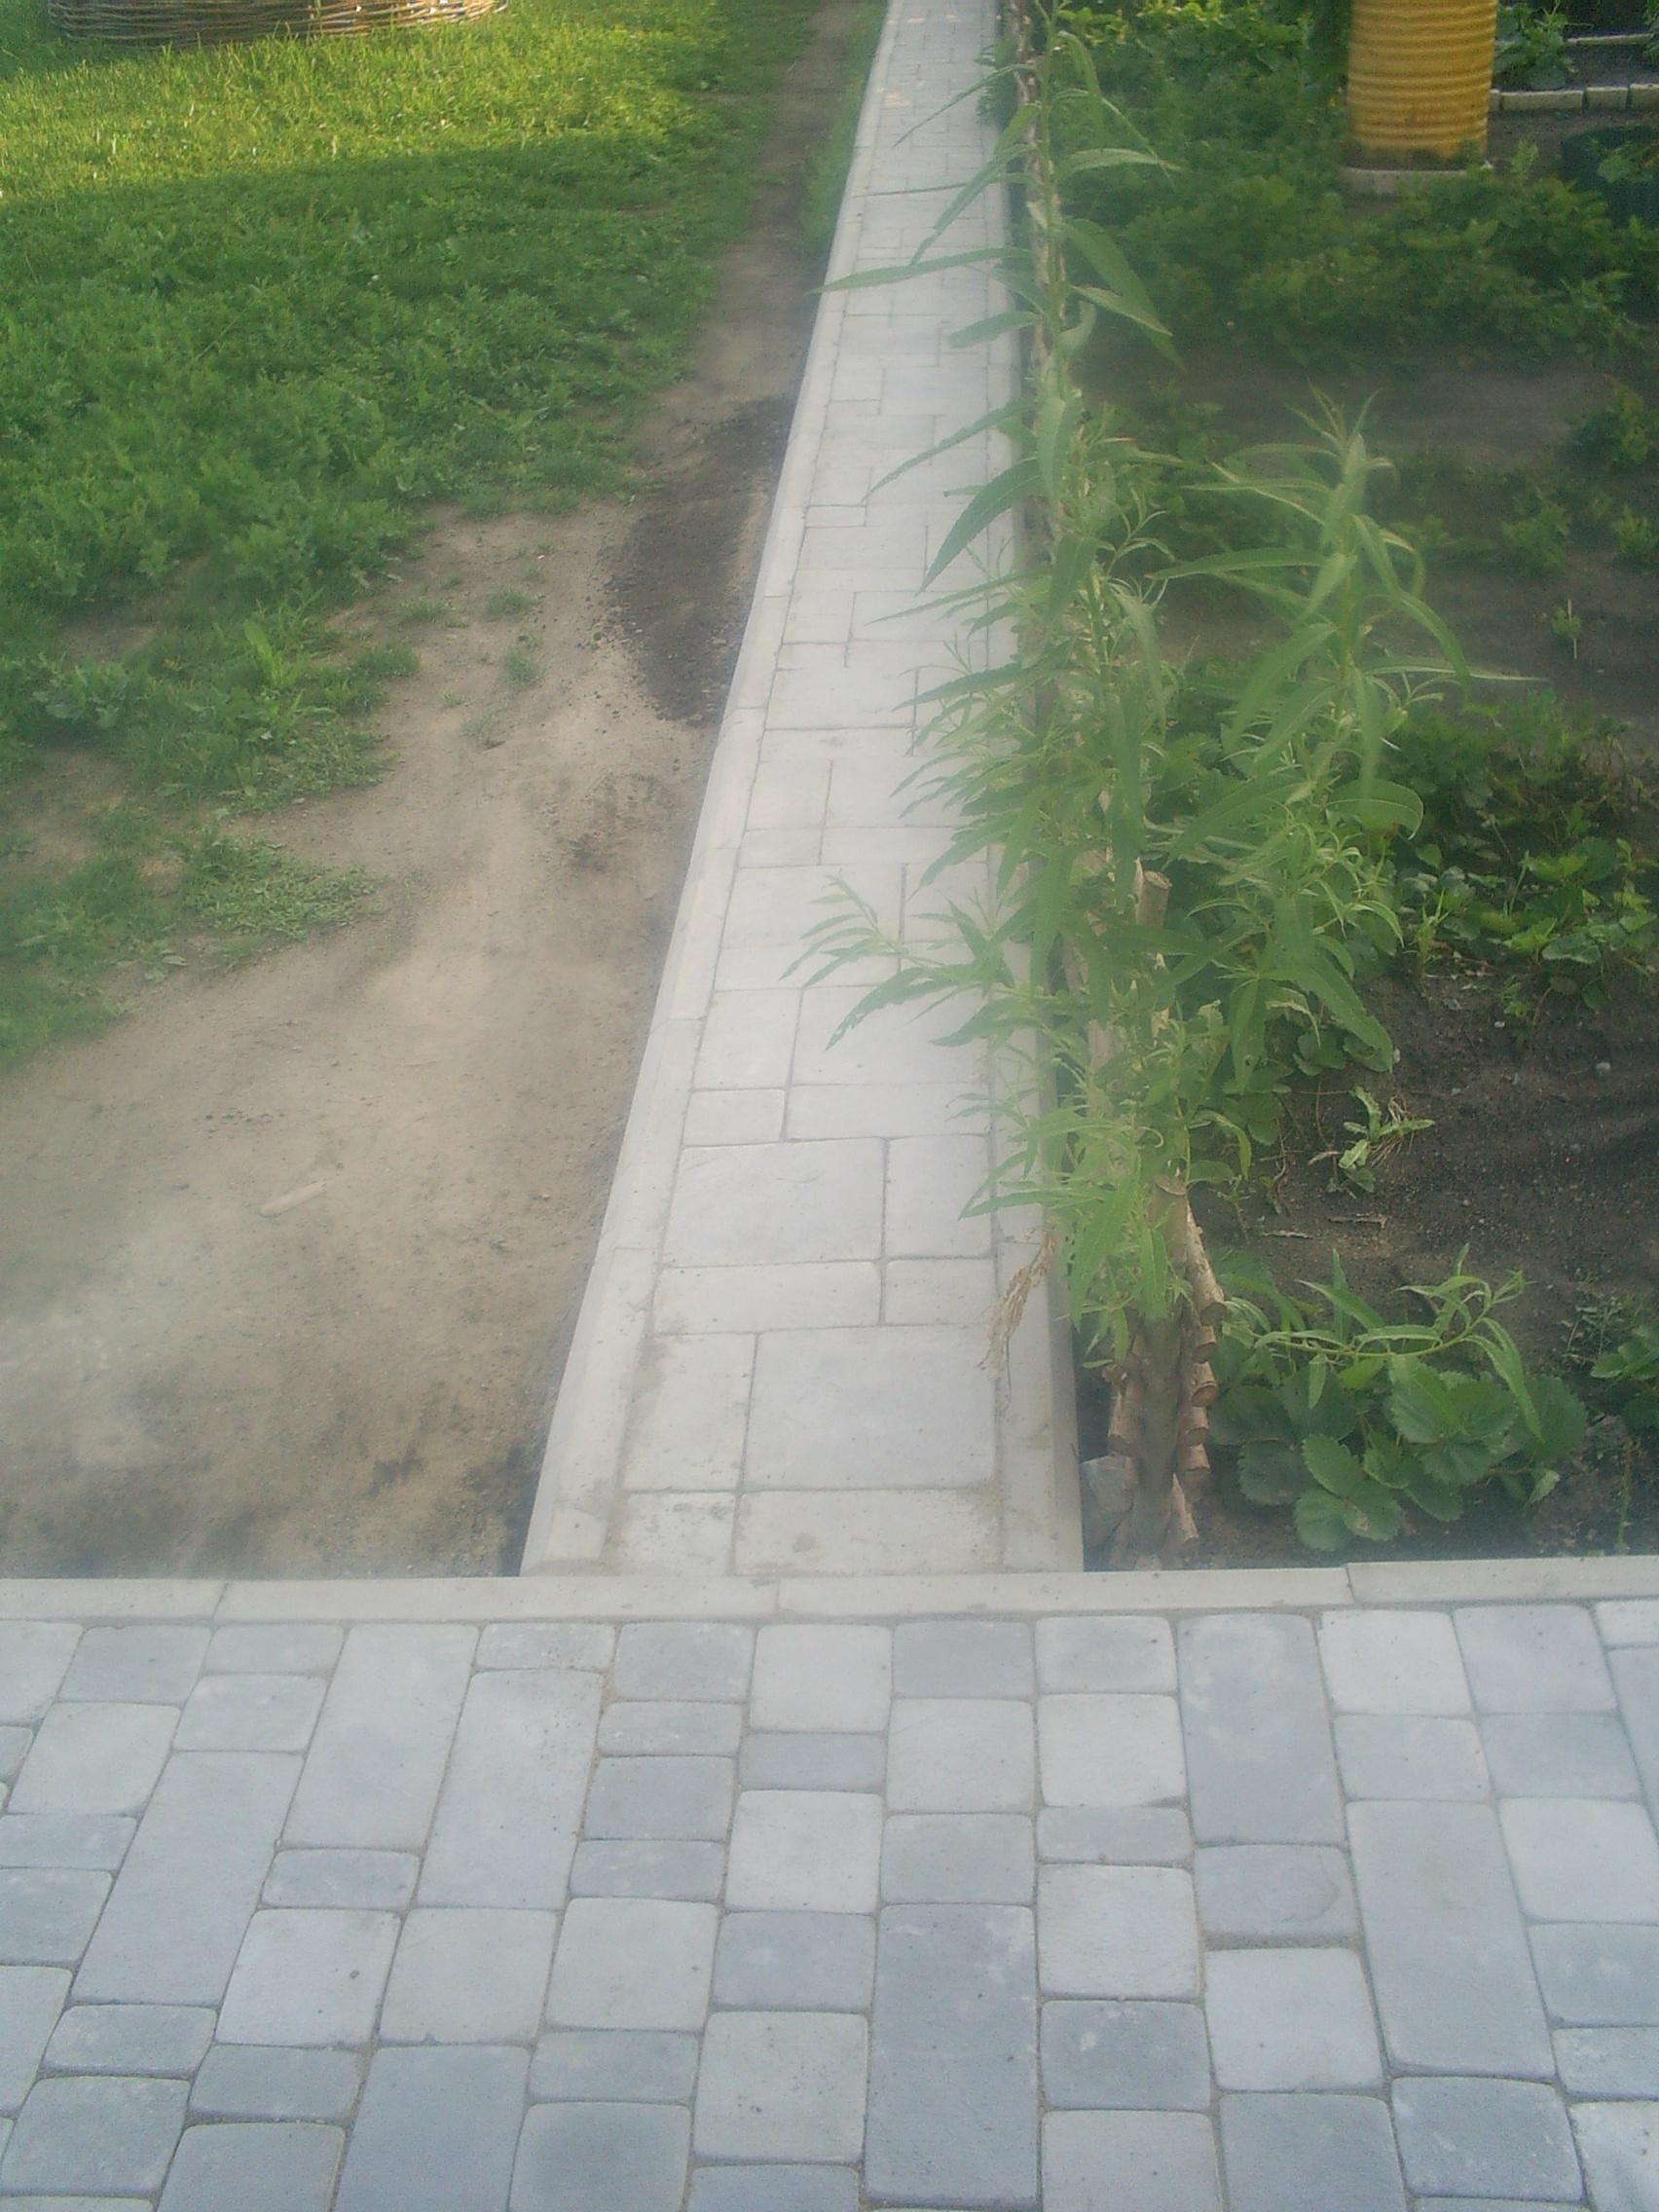 http://plitka-omsk55.ru/images/upload/S4020011.JPG